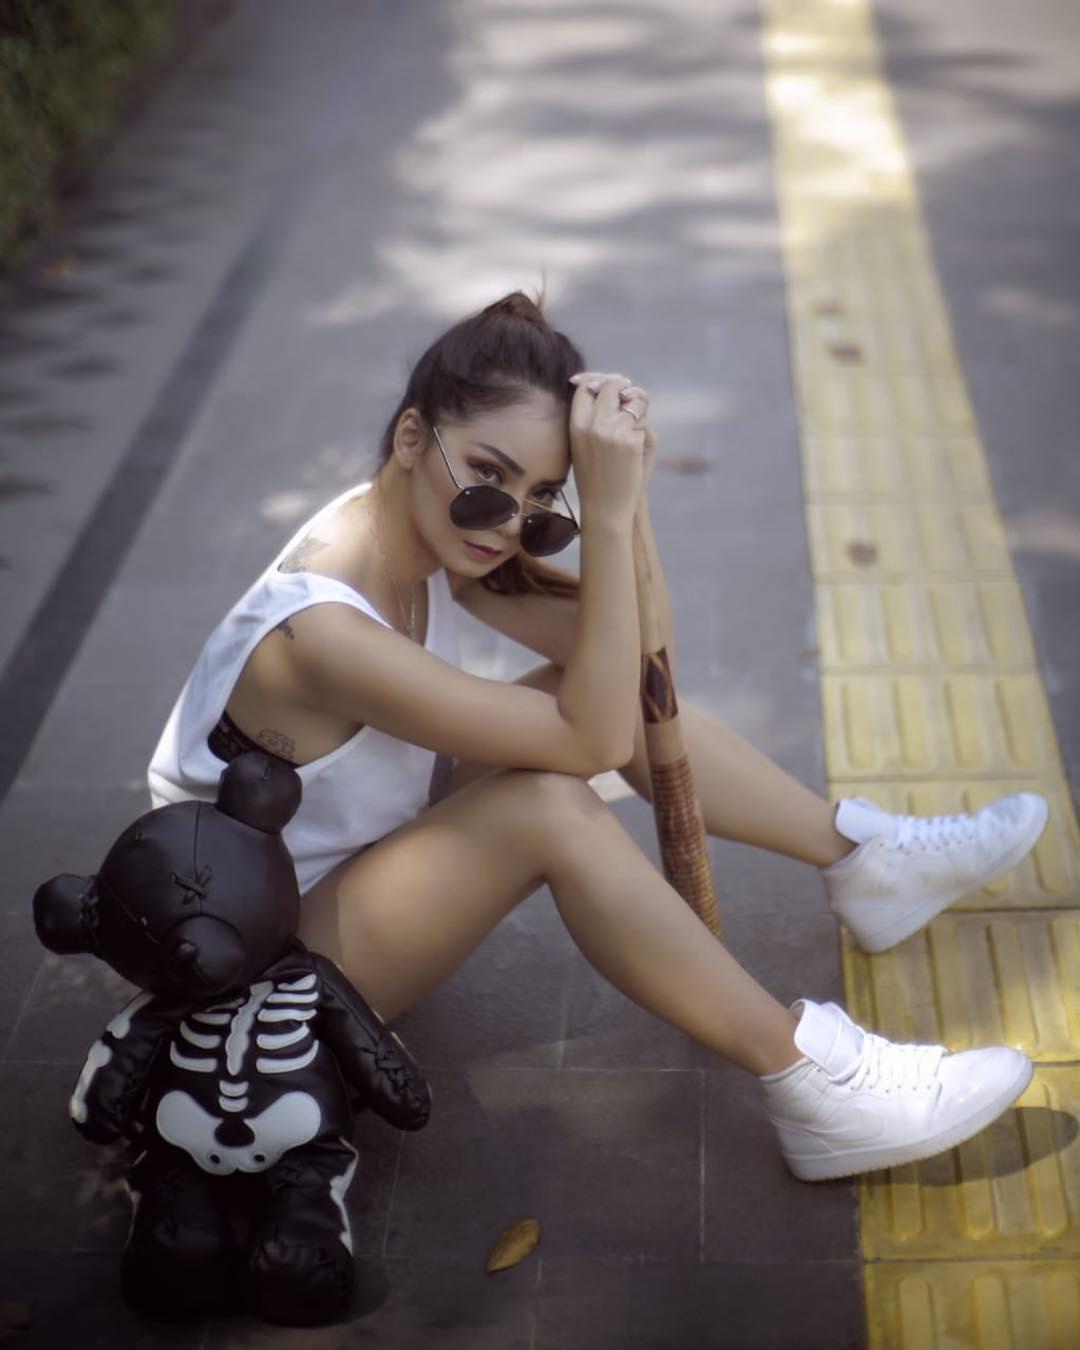 Cerita Model Cantik Velent Cathleen Liburan di Wisata Kota